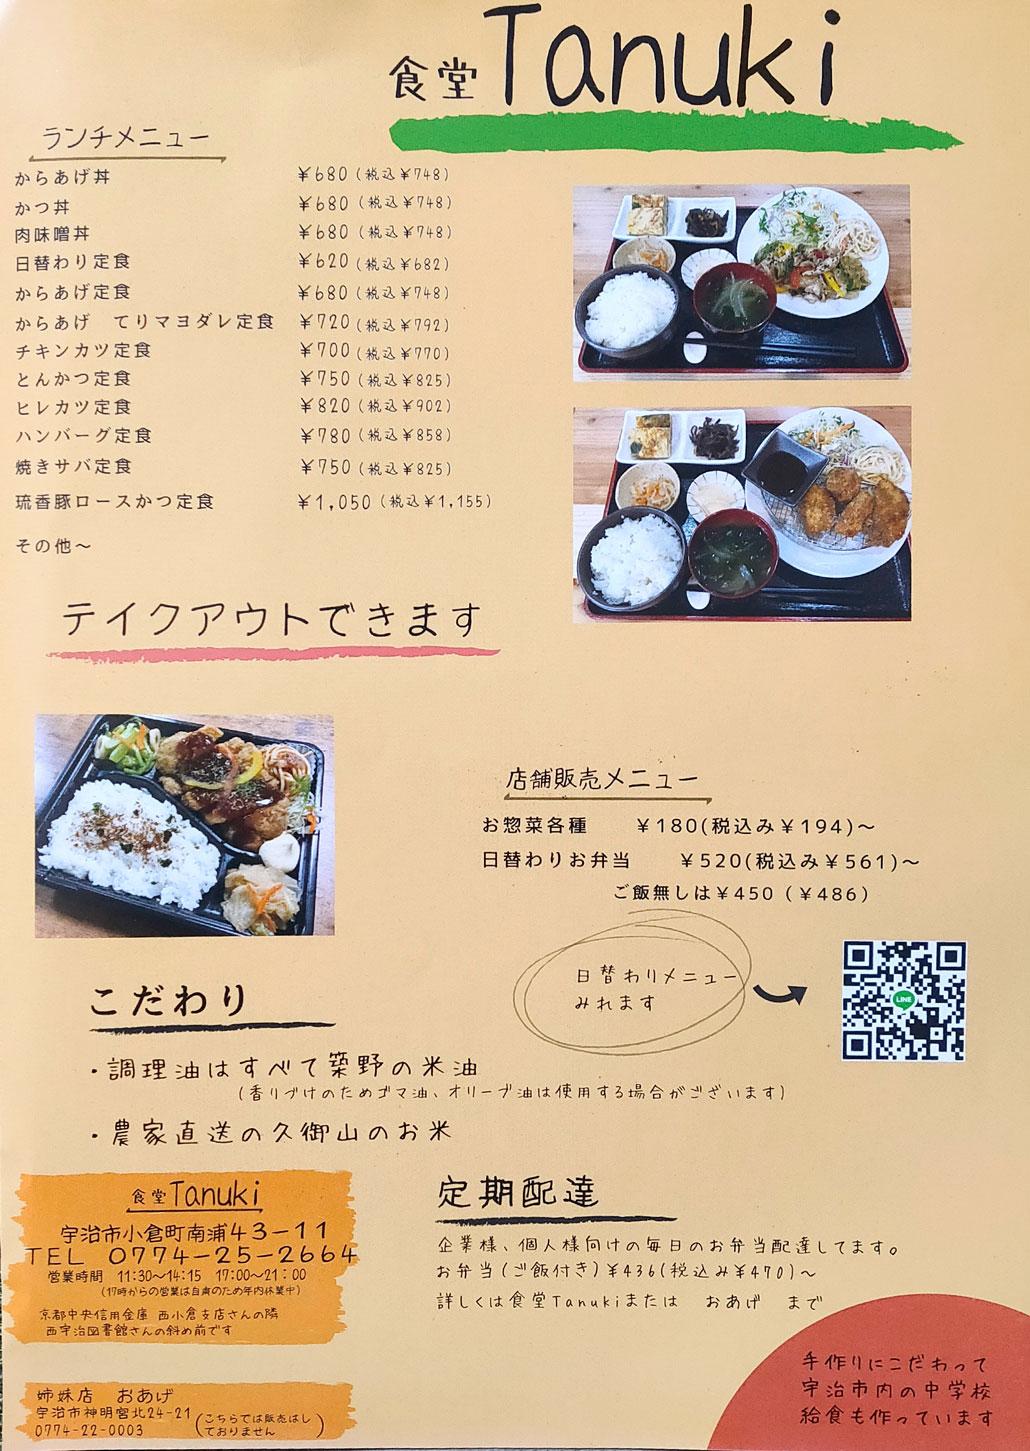 食堂tanukiメニュー画像